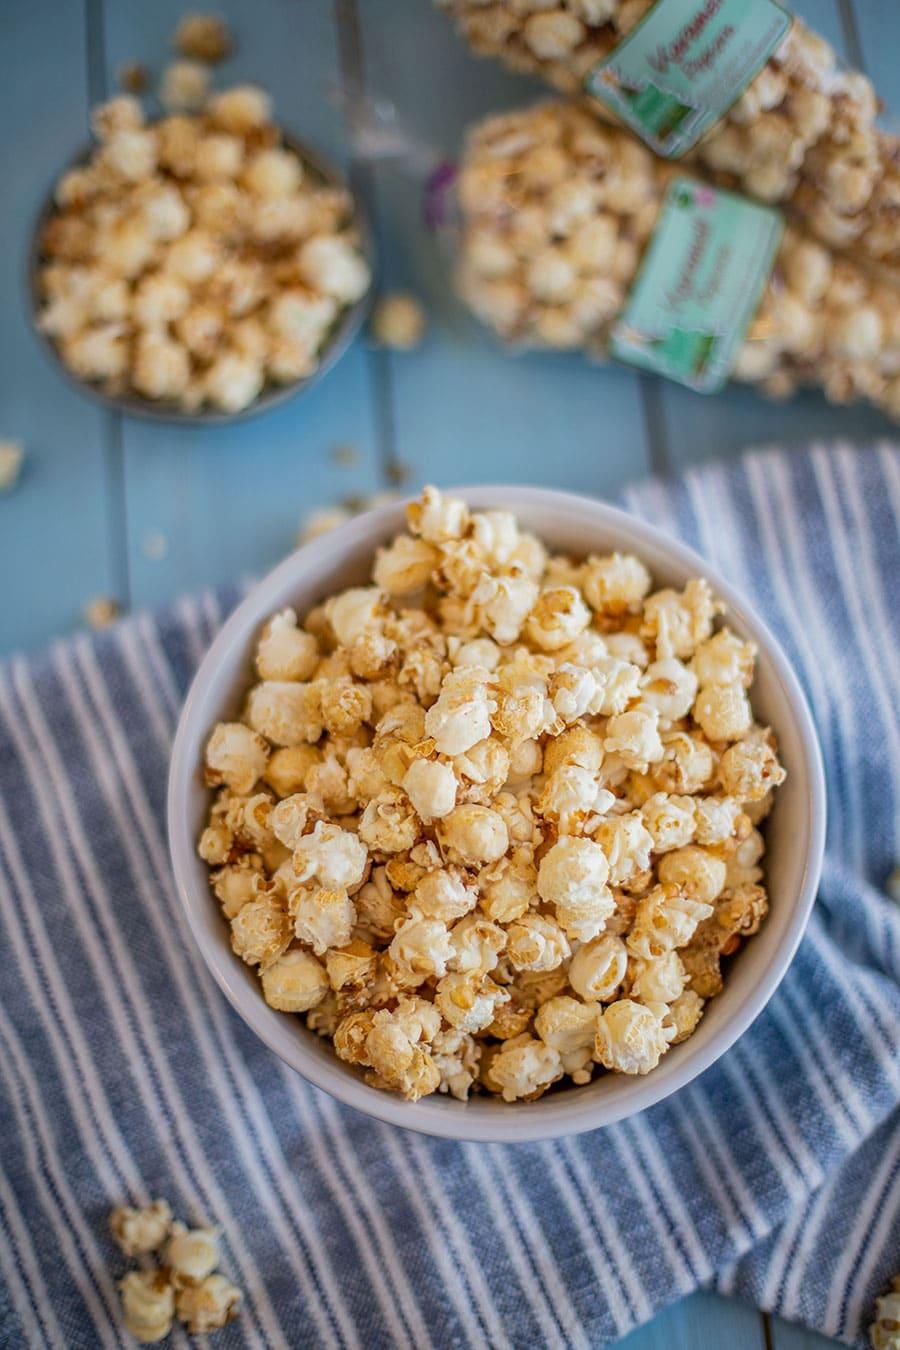 karamell popcorn rezept einfach selber machen die k che brennt. Black Bedroom Furniture Sets. Home Design Ideas